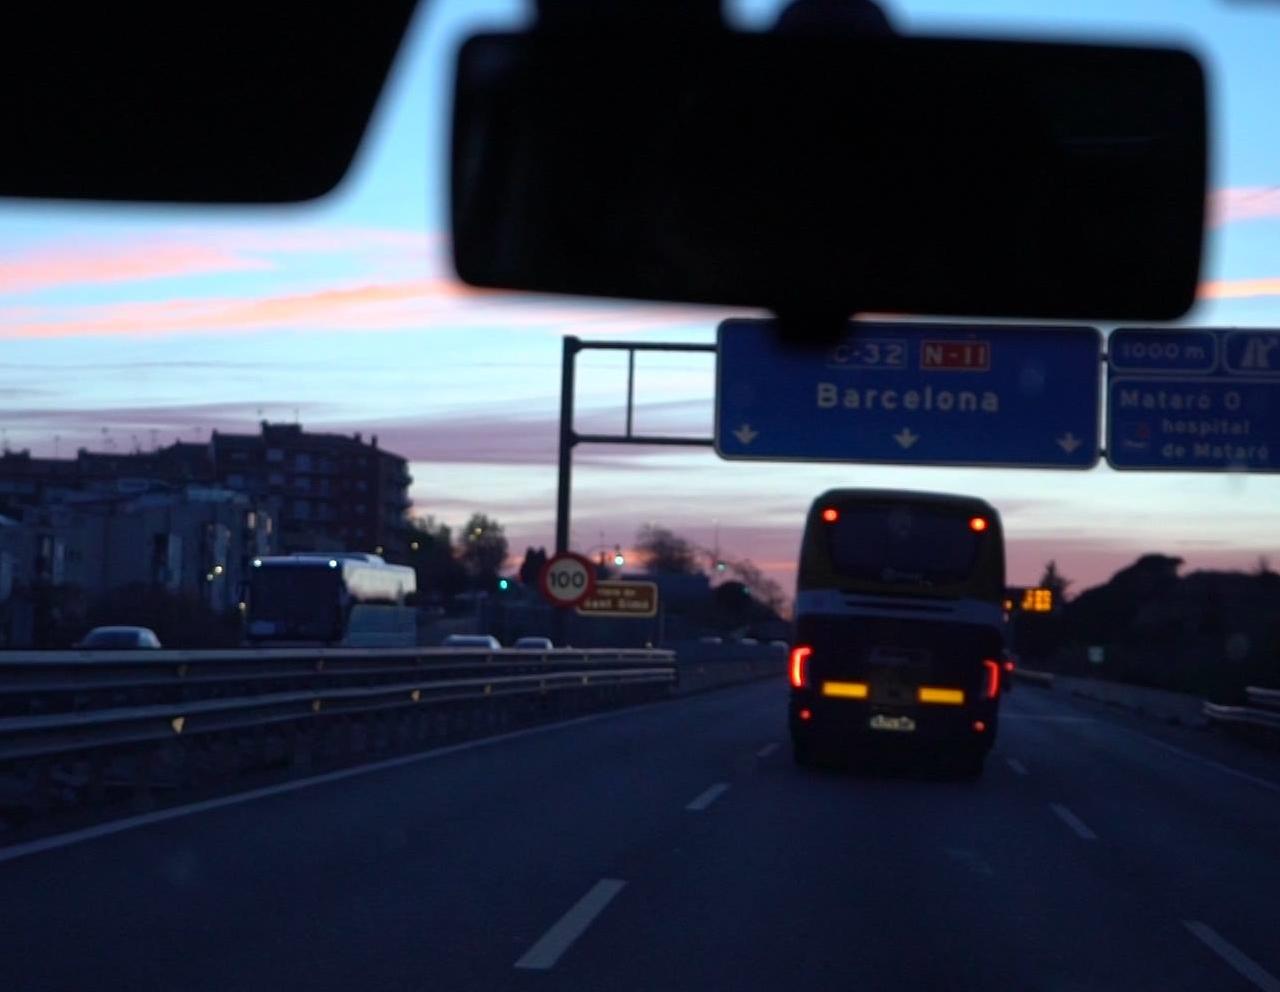 Verso Barcellona